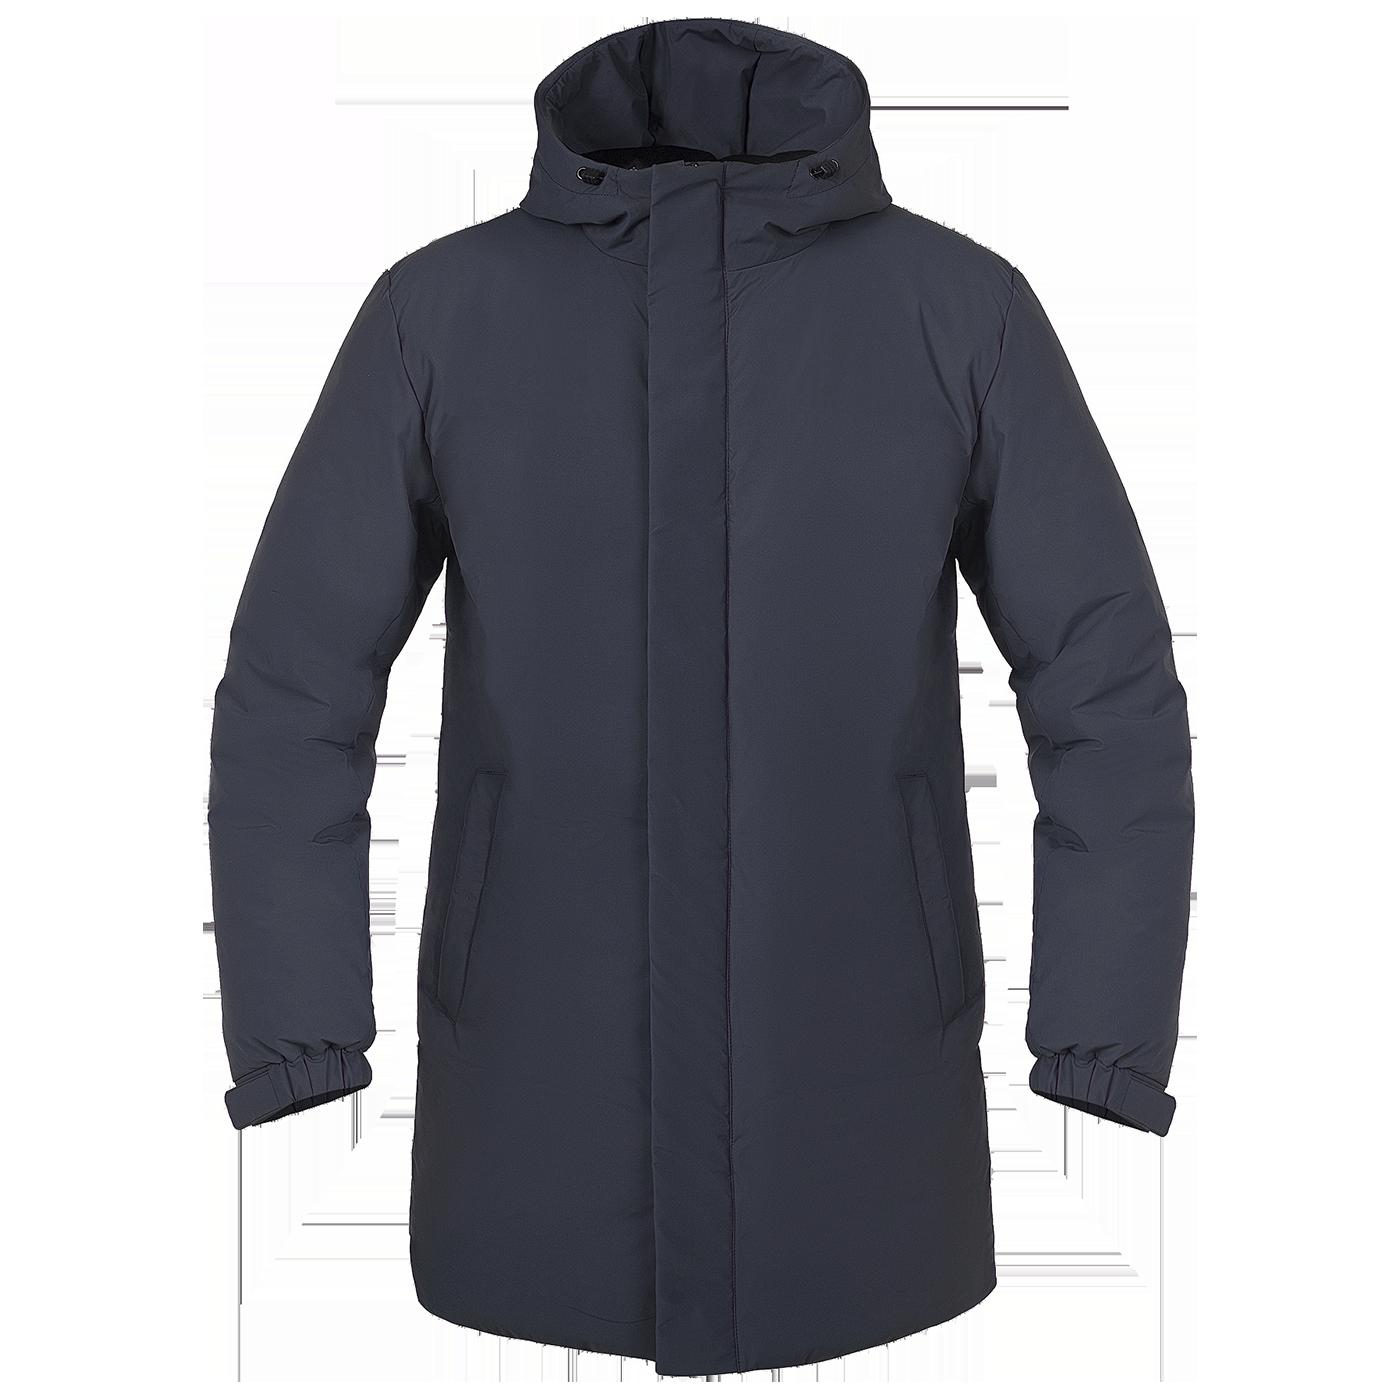 Пуховая куртка BASK ICEBERG LUX фото